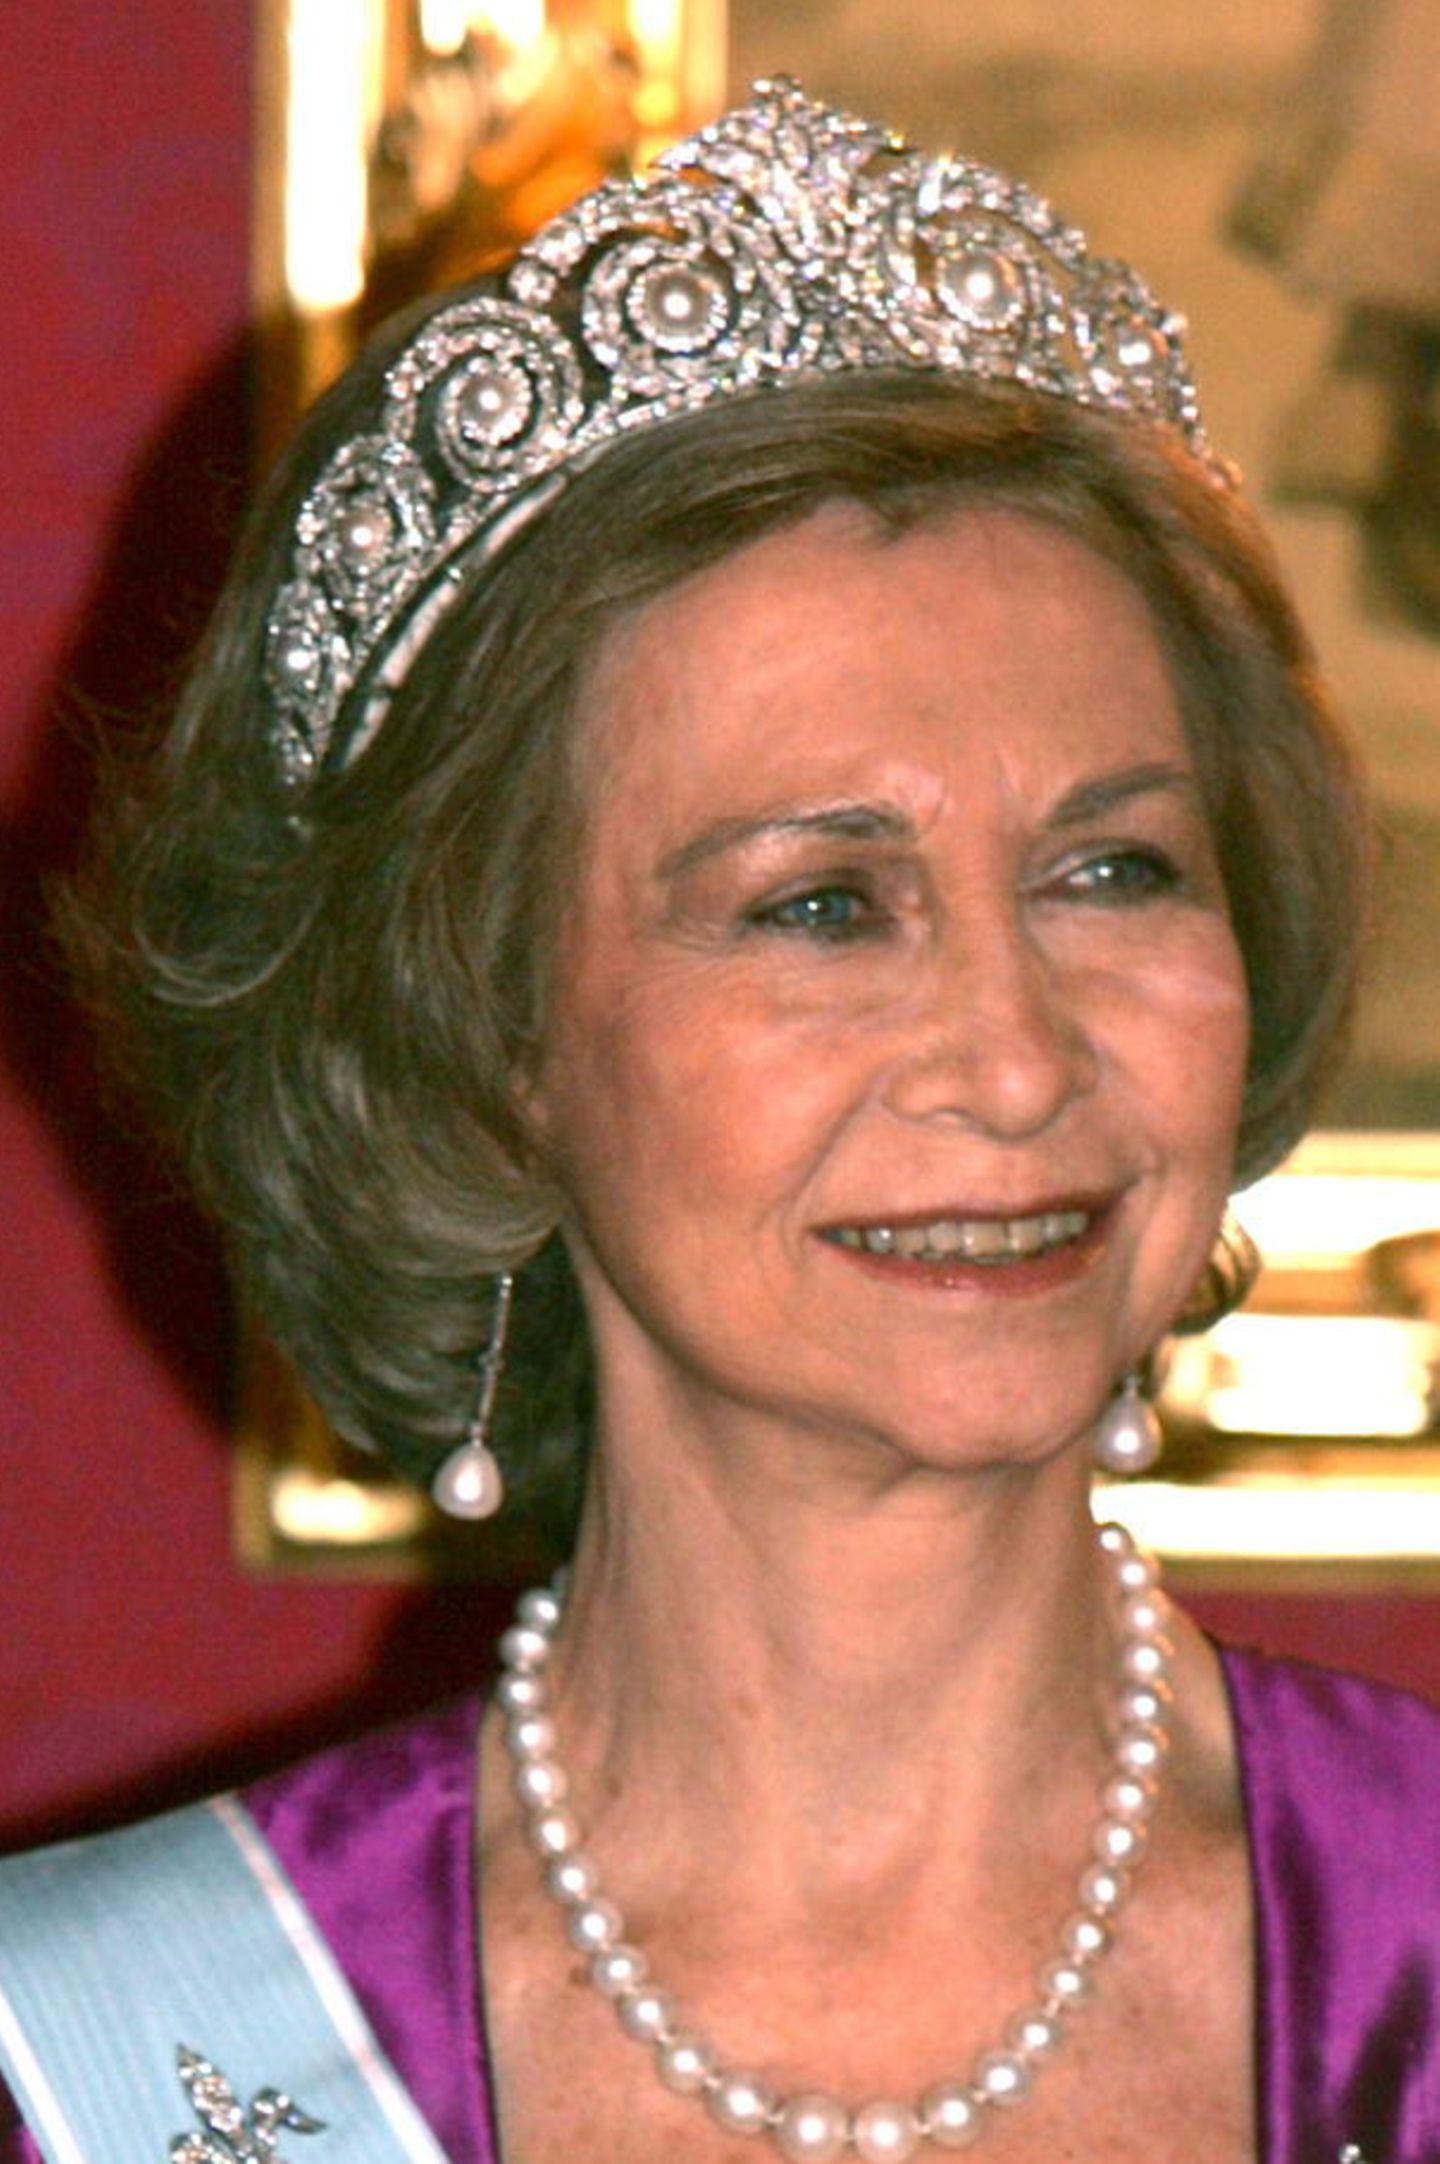 ... auf dem Kopf von Königin Sofia. Nun wird das Diadem zwischen den weiblichen Familienmitgliedern hin- und hergereicht. Unter anderem durfte auch Prinzessin Cristina sich damit schon schmücken.